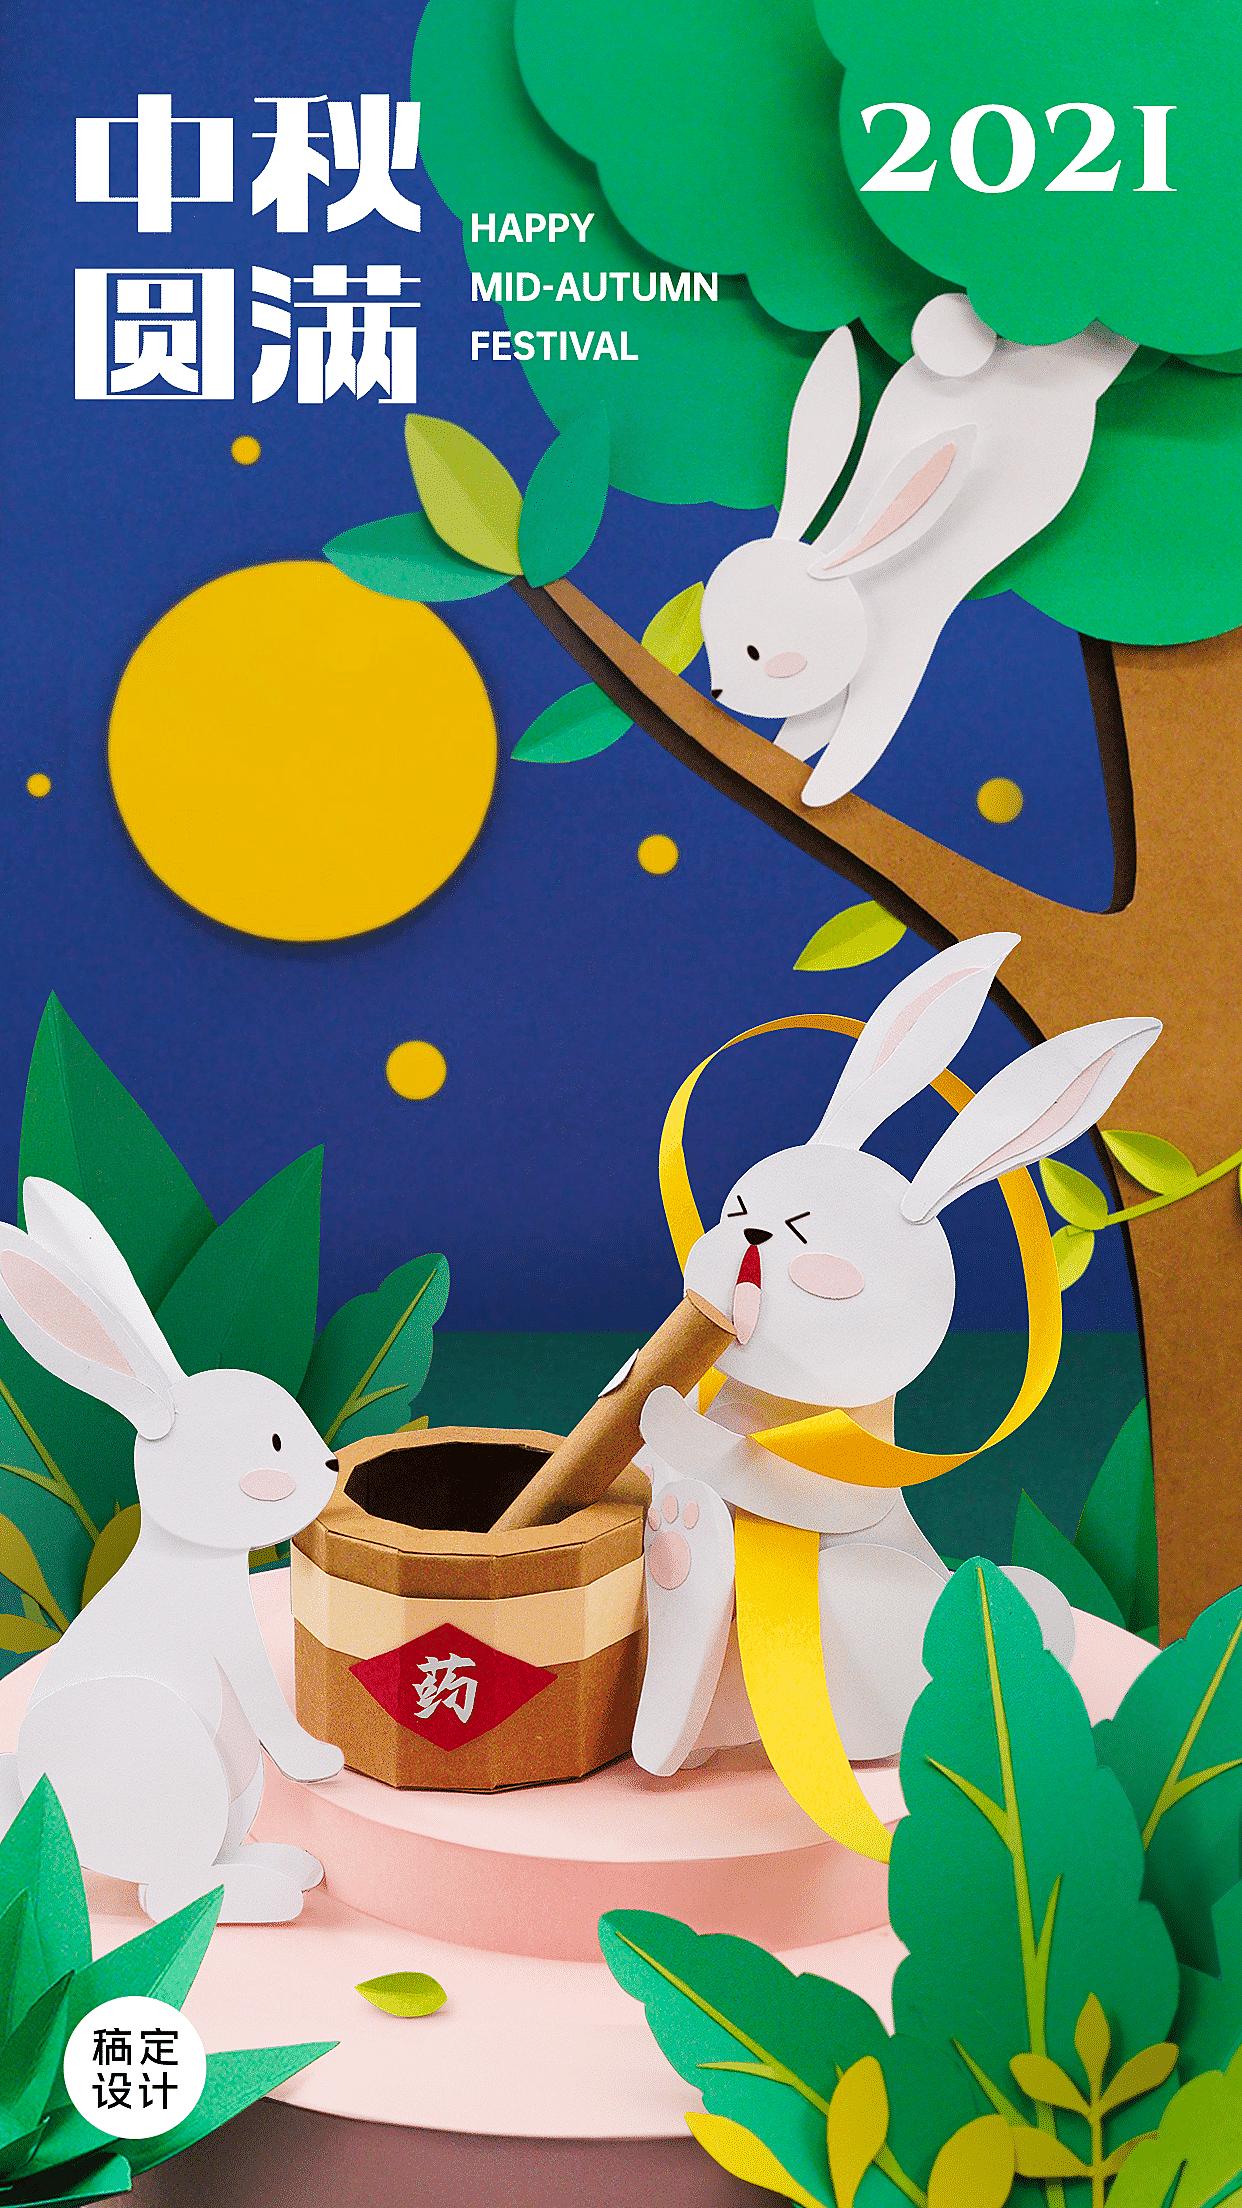 中秋节祝福创意剪纸海报